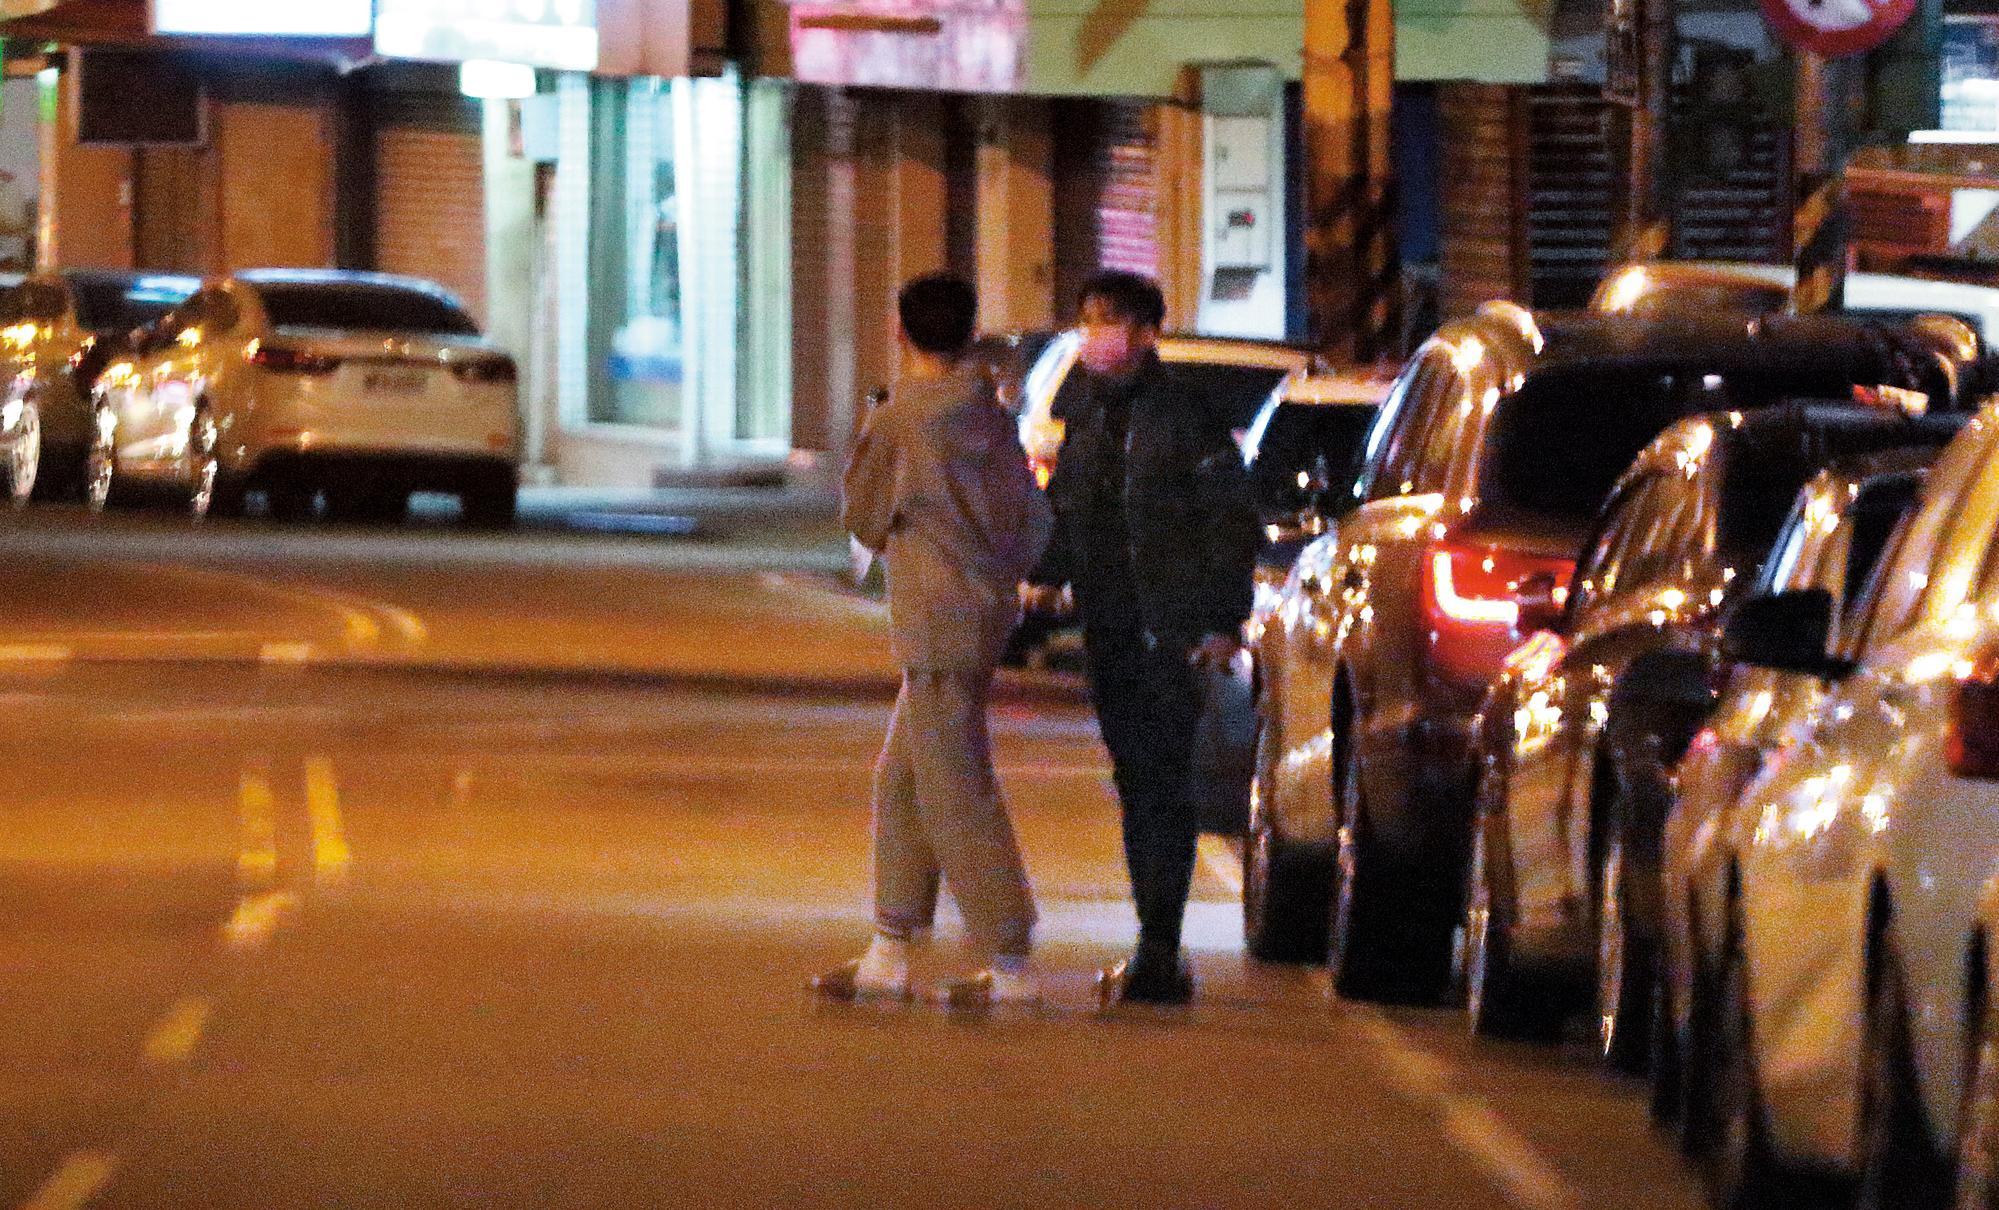 21:25 民宅中的一名嫩男,跟著炎亞綸一起出門,上了他的車。